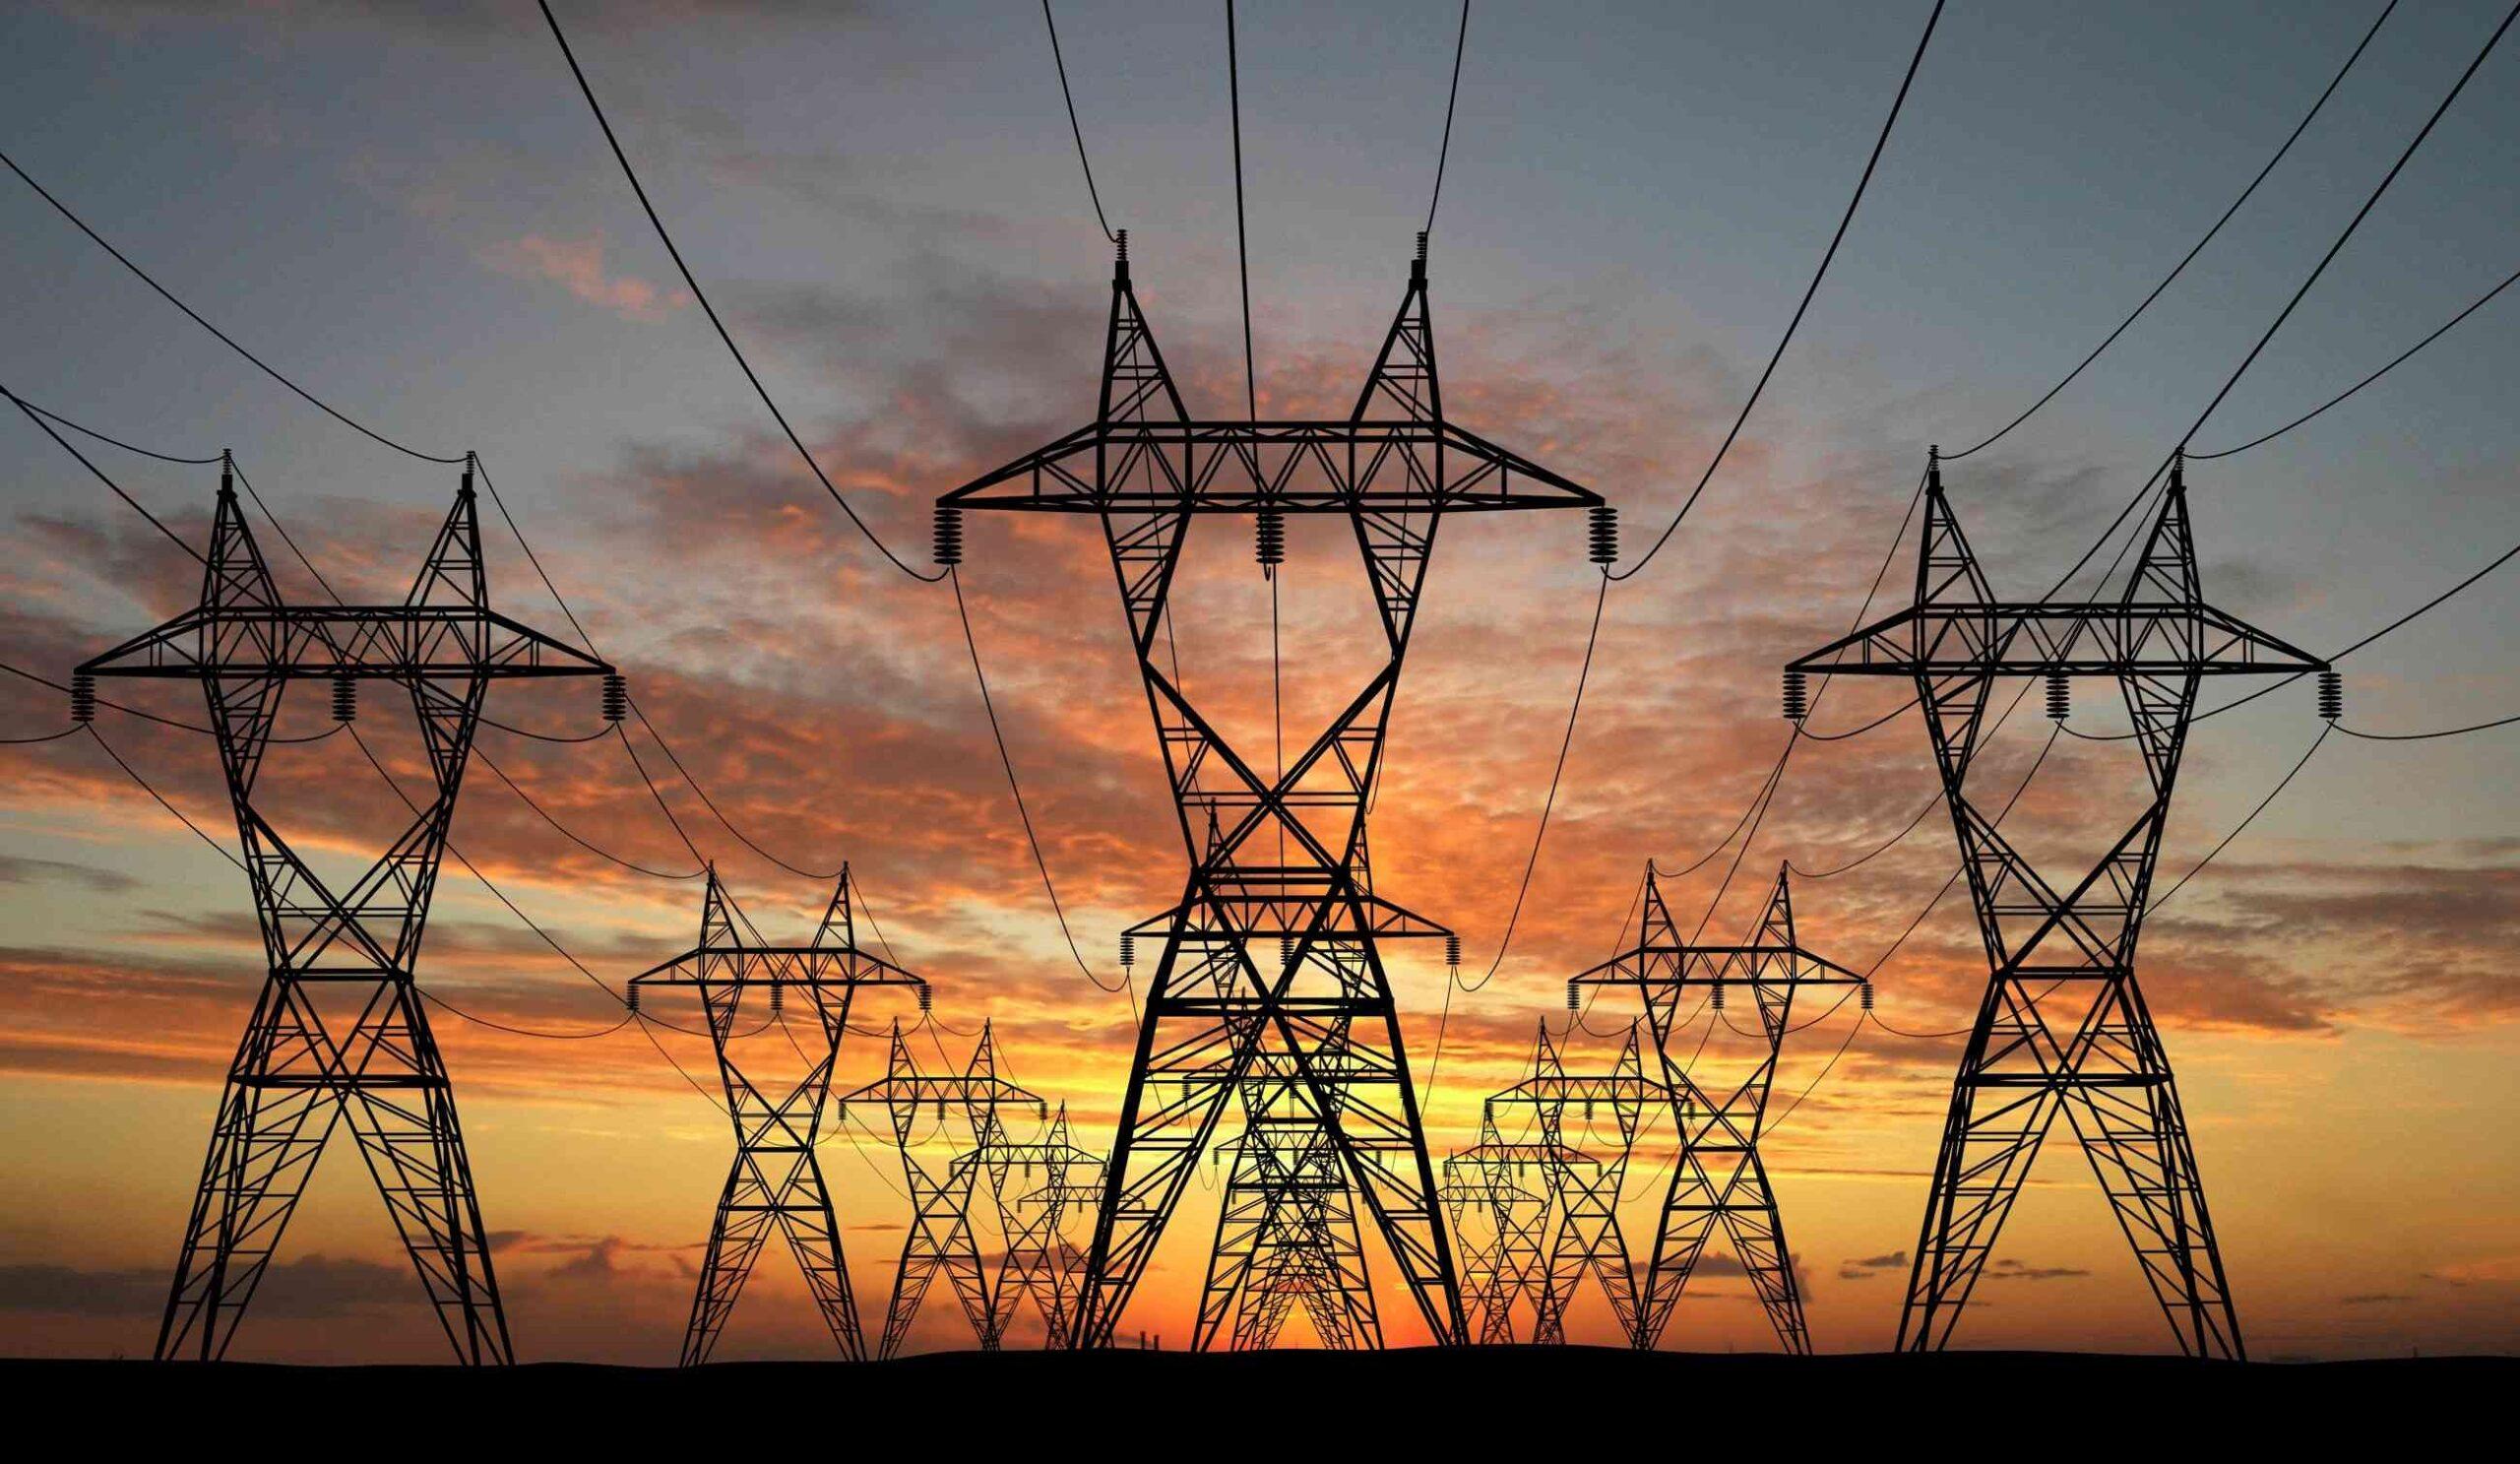 حصة سوريا من مشروع نقل الغاز المصري والكهرباء الأردنية إلى لبنان سيكون غاز وكهرباء